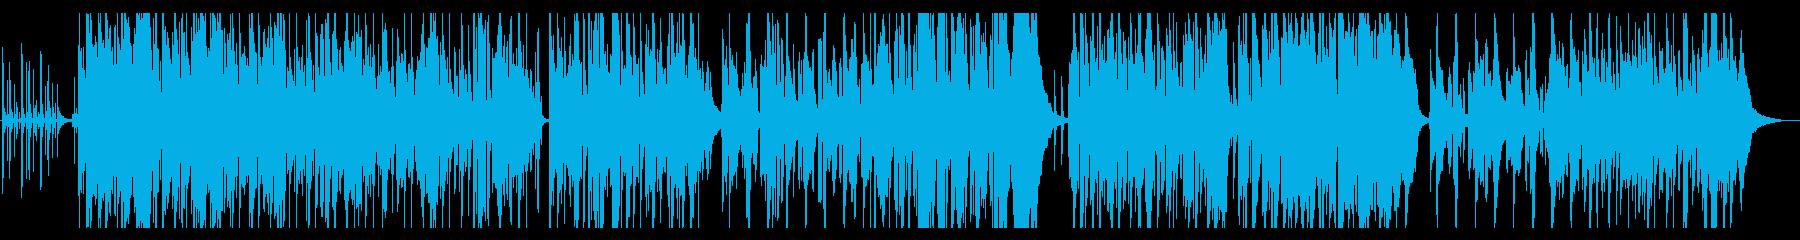 ノラジョーンズ風なダークなラブバラードの再生済みの波形